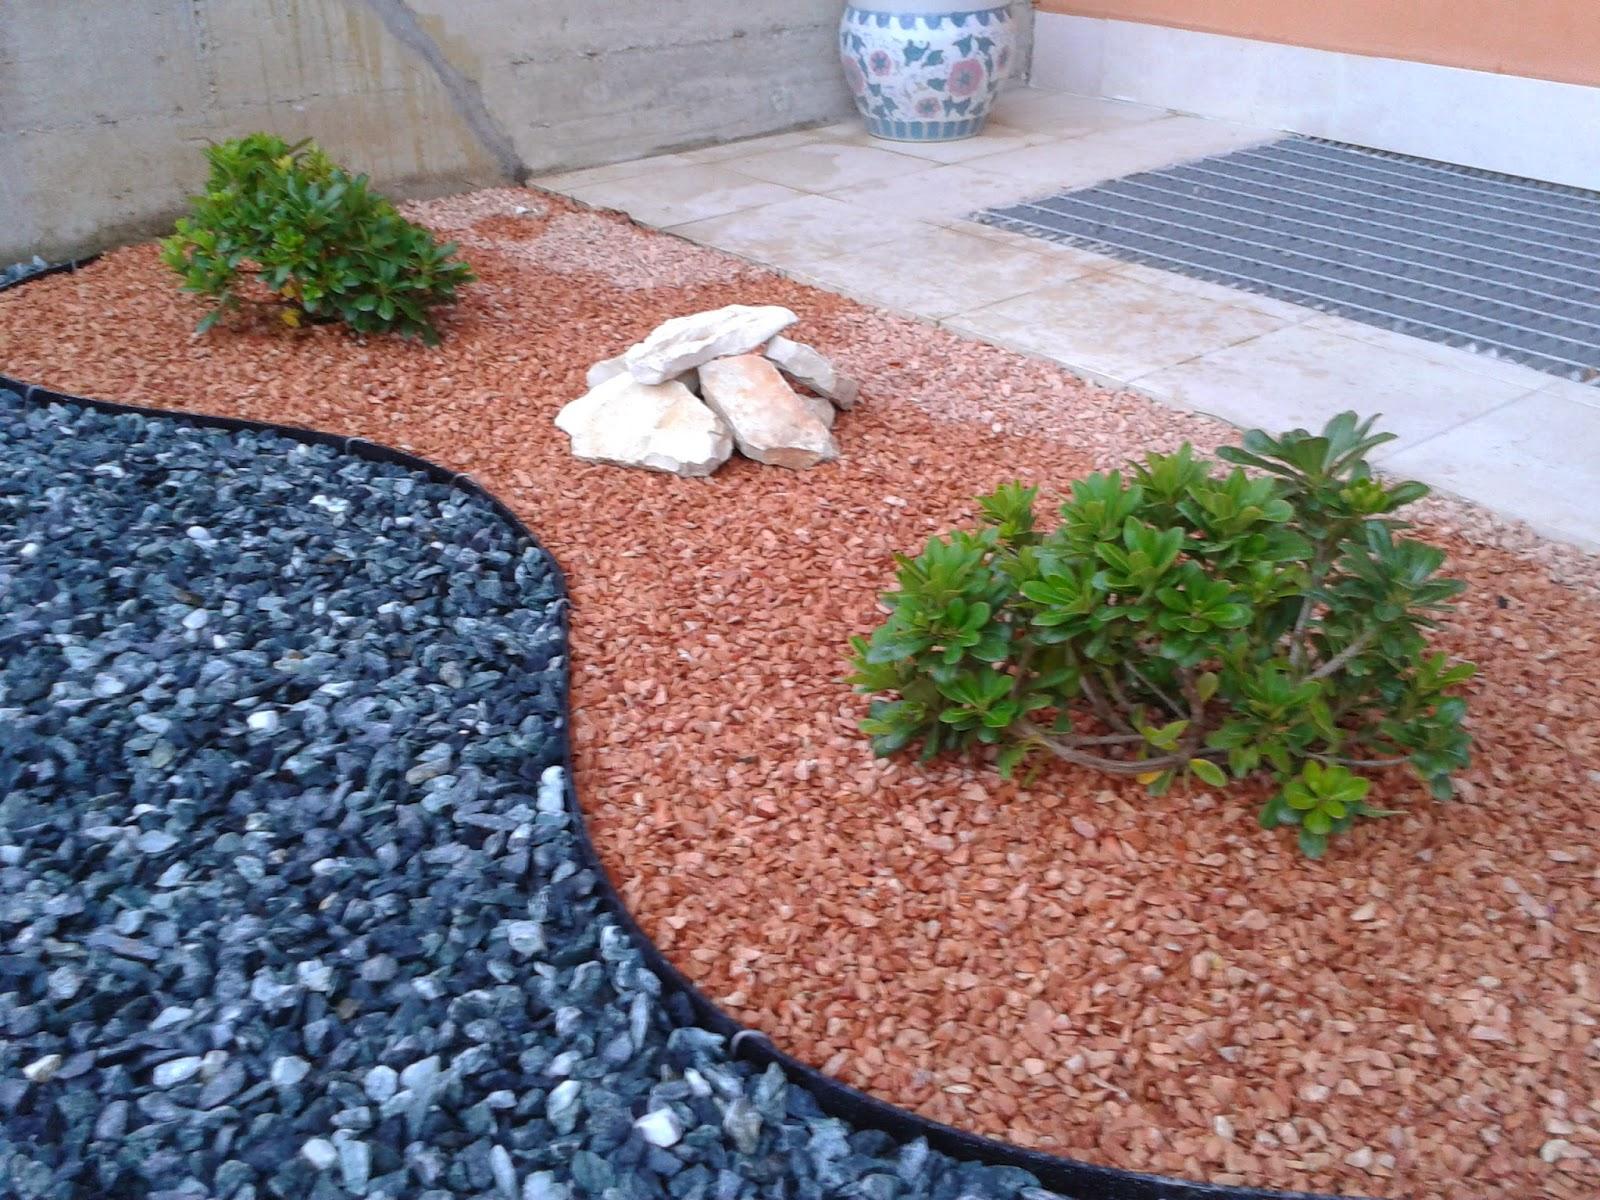 Semplicit in azione semplifica il giardino - Giardino senza erba ...